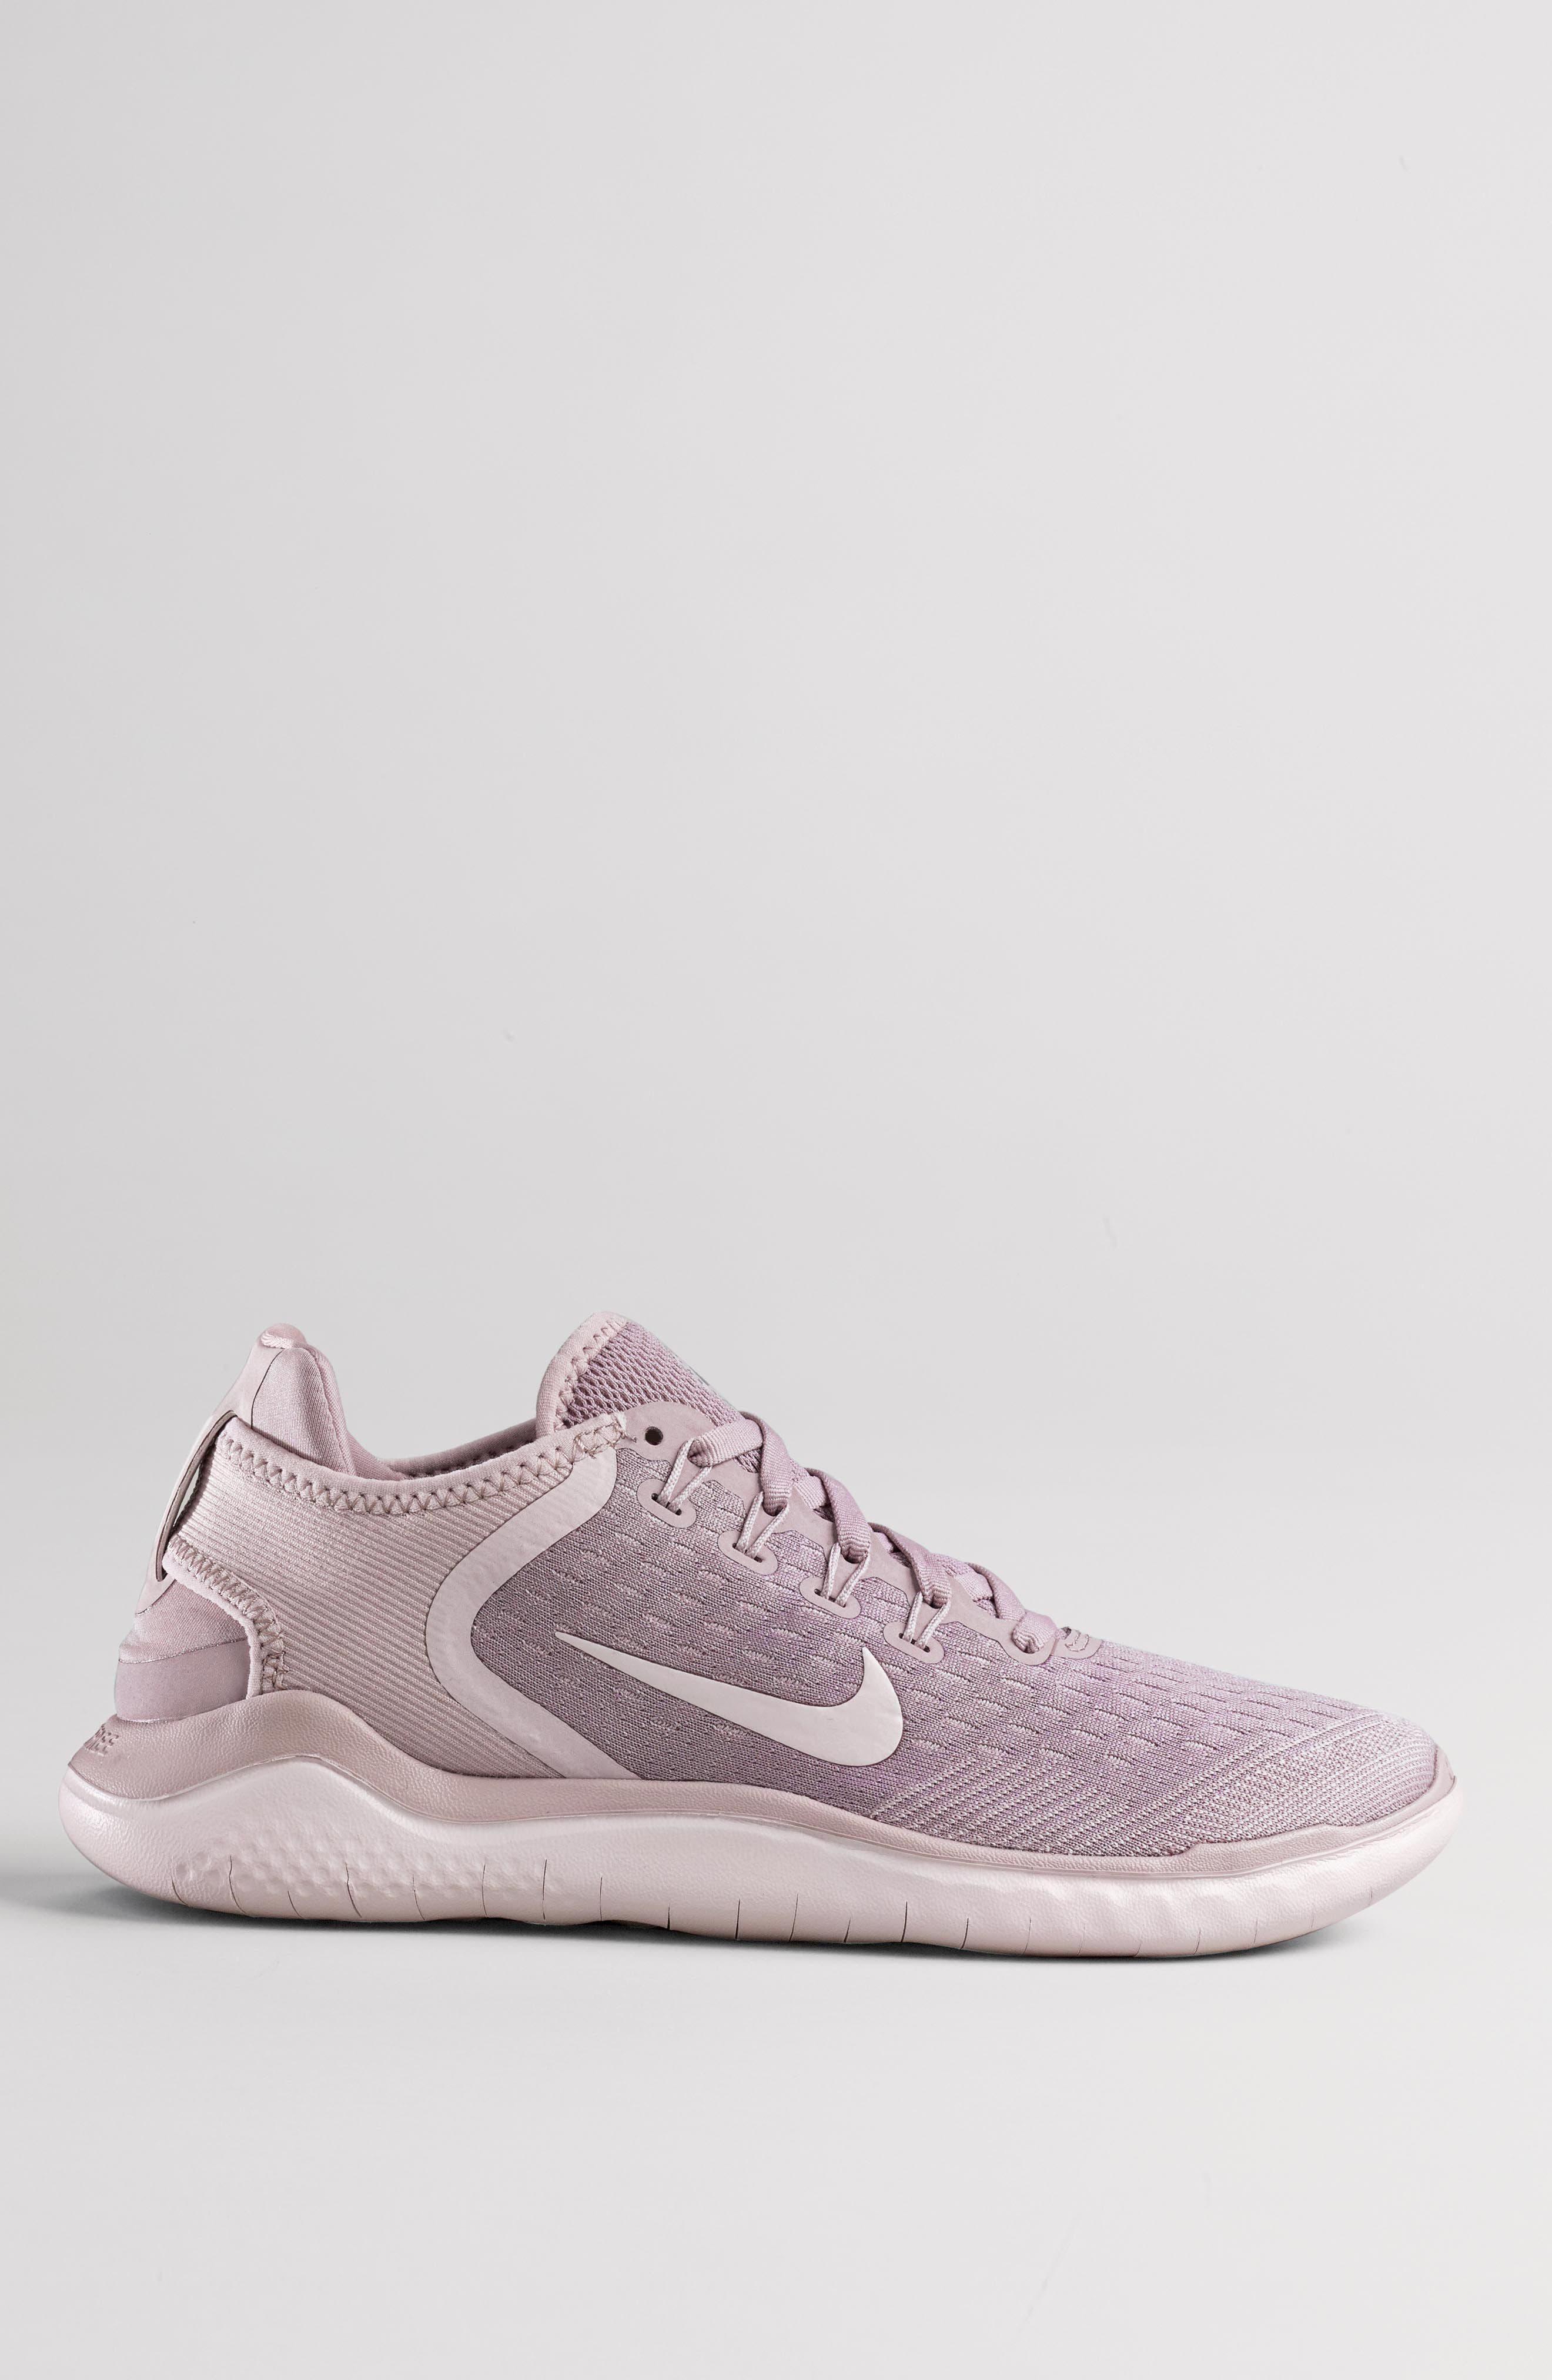 Free RN 2018 Running Shoe,                             Alternate thumbnail 9, color,                             ELEMENTAL ROSE/ GUNSMOKE